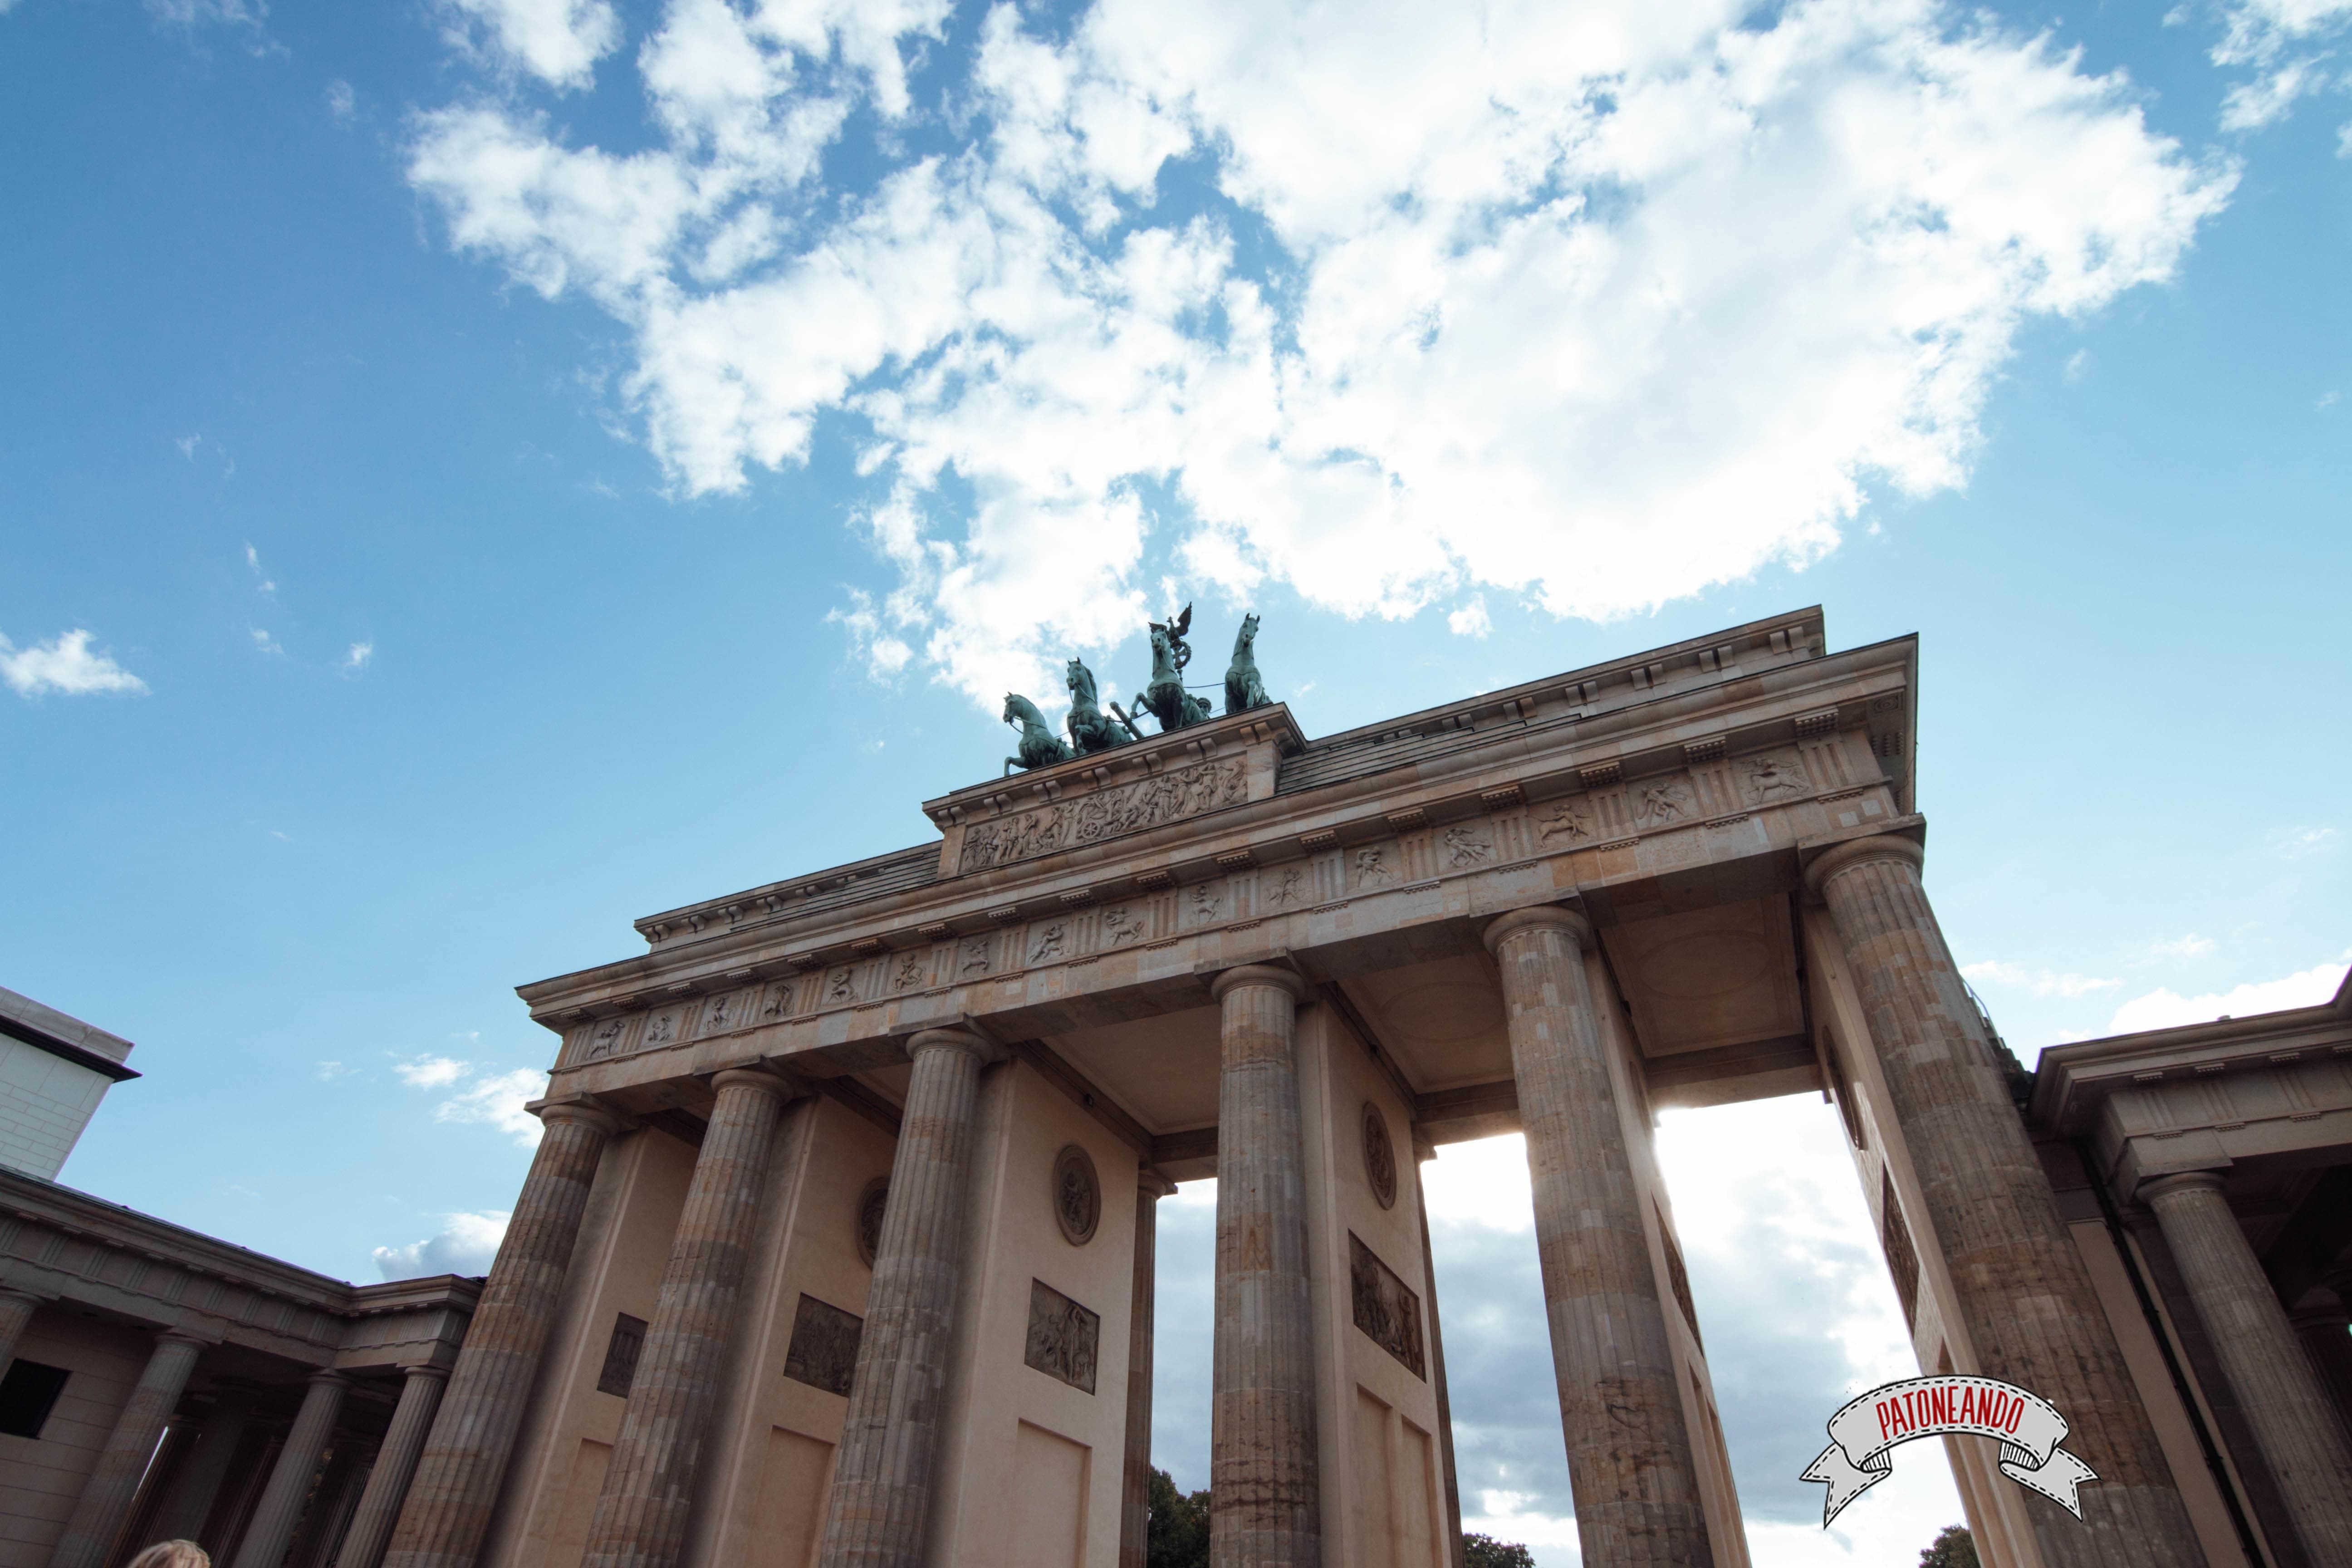 que ver y que hacer en Berlín - puerta de Branderburgo -Patoneando blog de viajes (9)